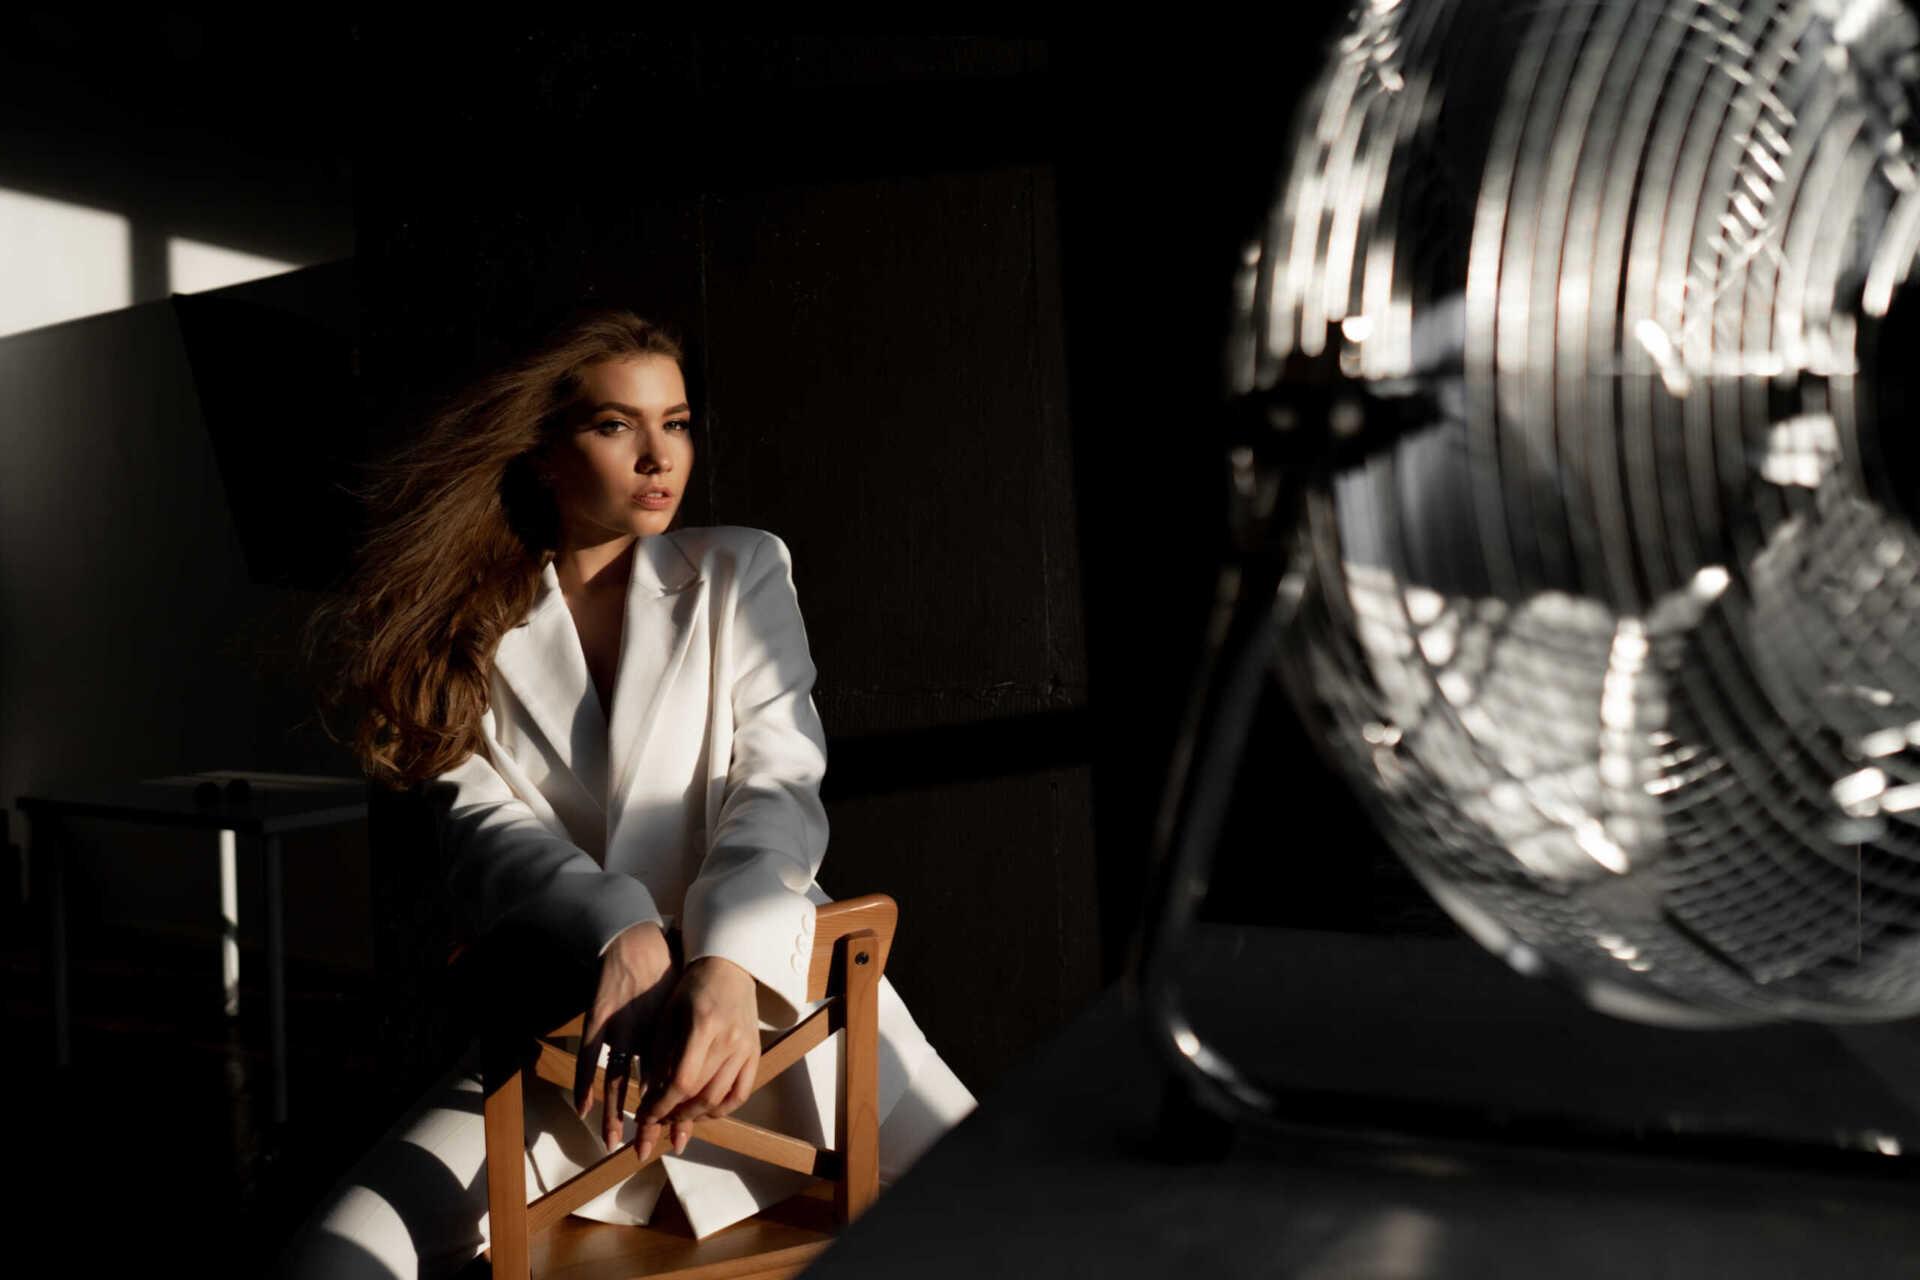 Чуттєві жіночі фотосесії в об'єктиві фотографів «Zoom studio» Zoom Studio